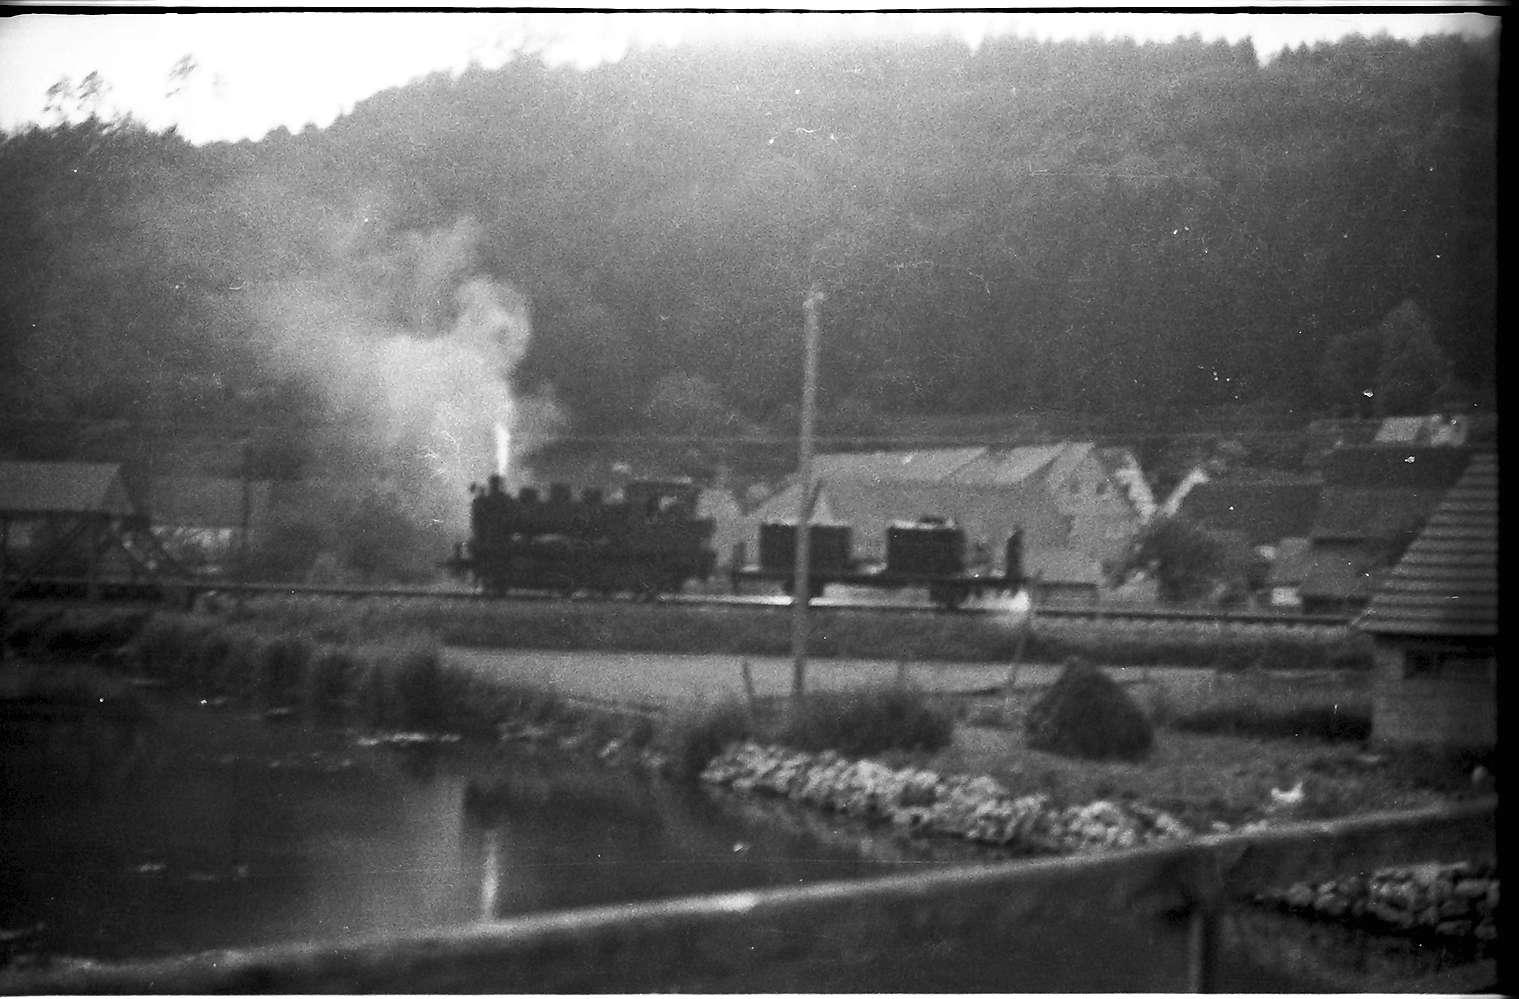 Spritzzug Lok 141, Strecke Veringenstadt - Hermentingen, im Vordergrund Geländer der Holzbrücke, die von 1937 - 1974 bestand, Bild 1